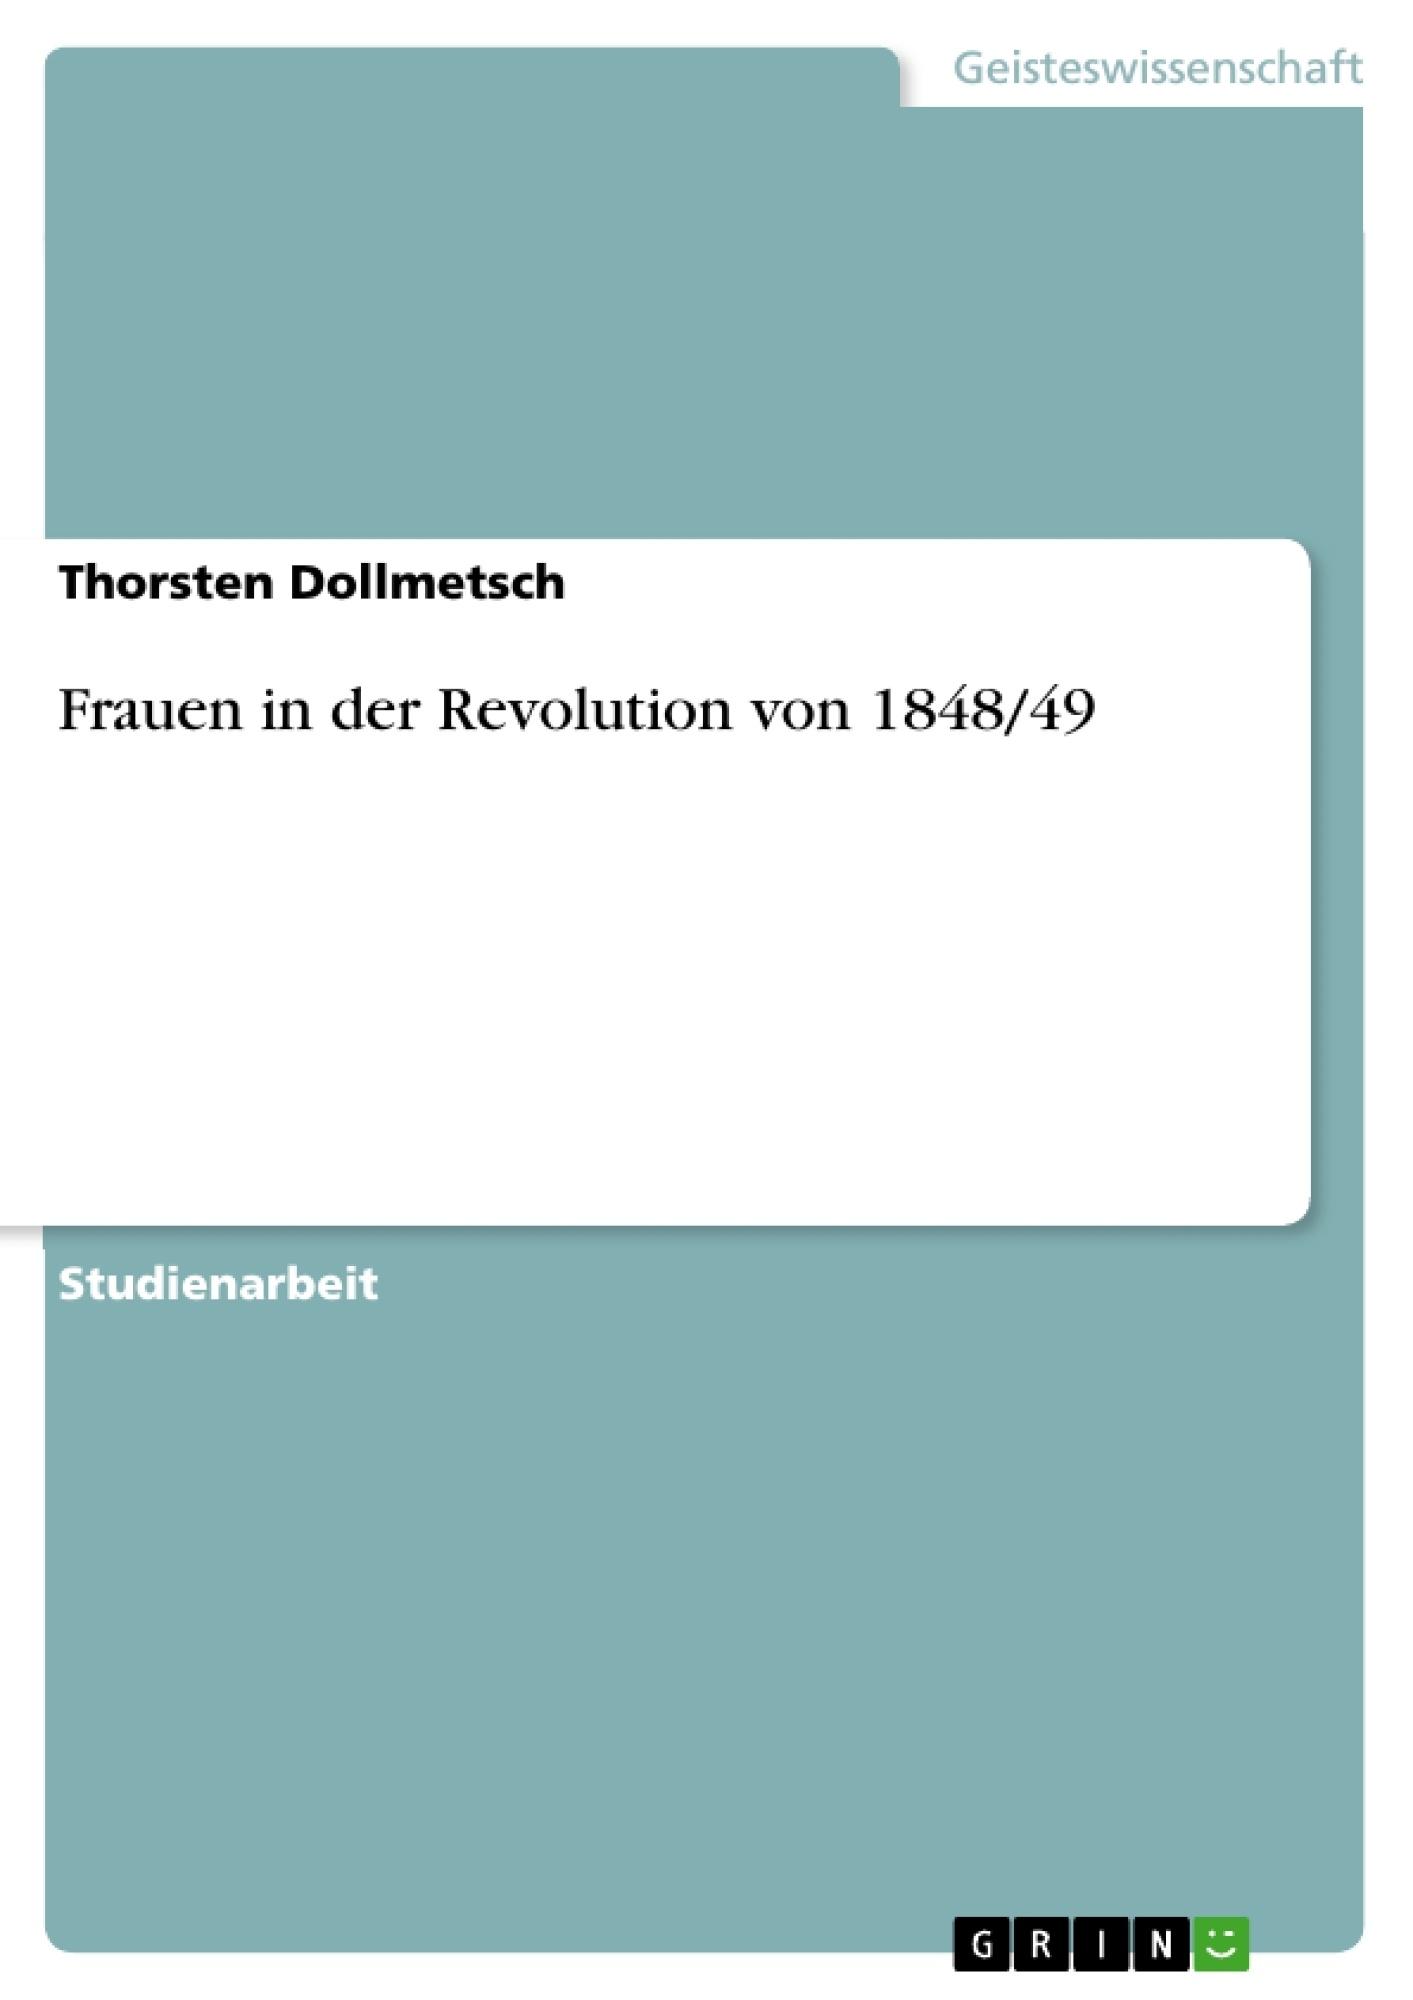 Titel: Frauen in der Revolution von 1848/49